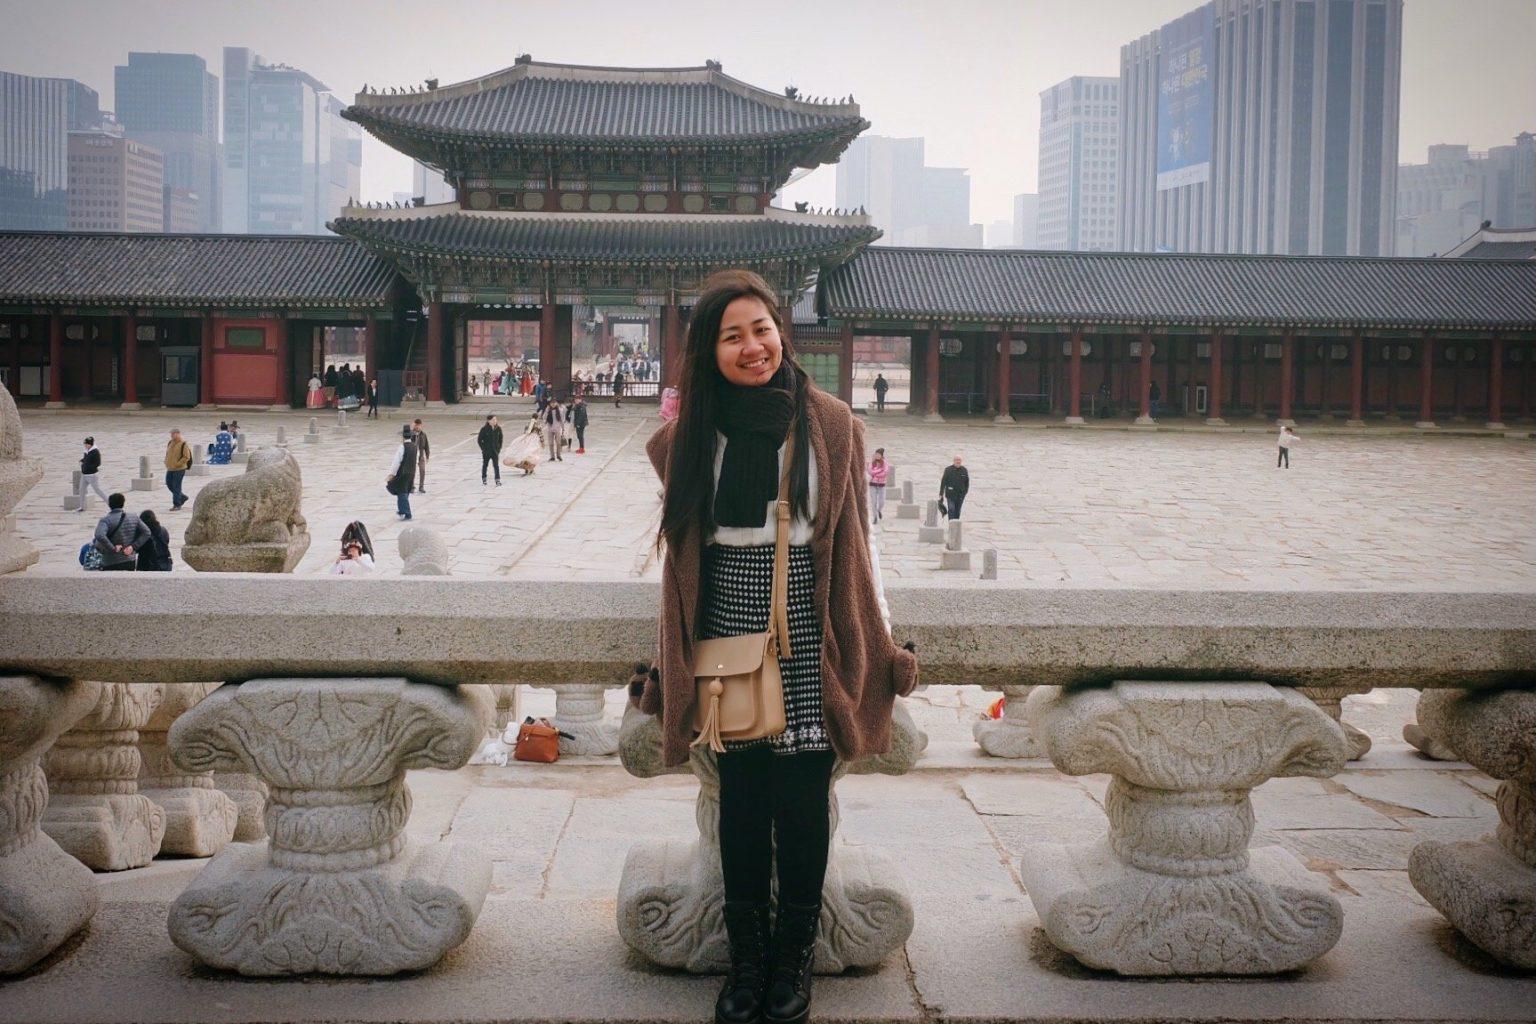 Gyeongbokgung Palace and Bukchon Hanok Village